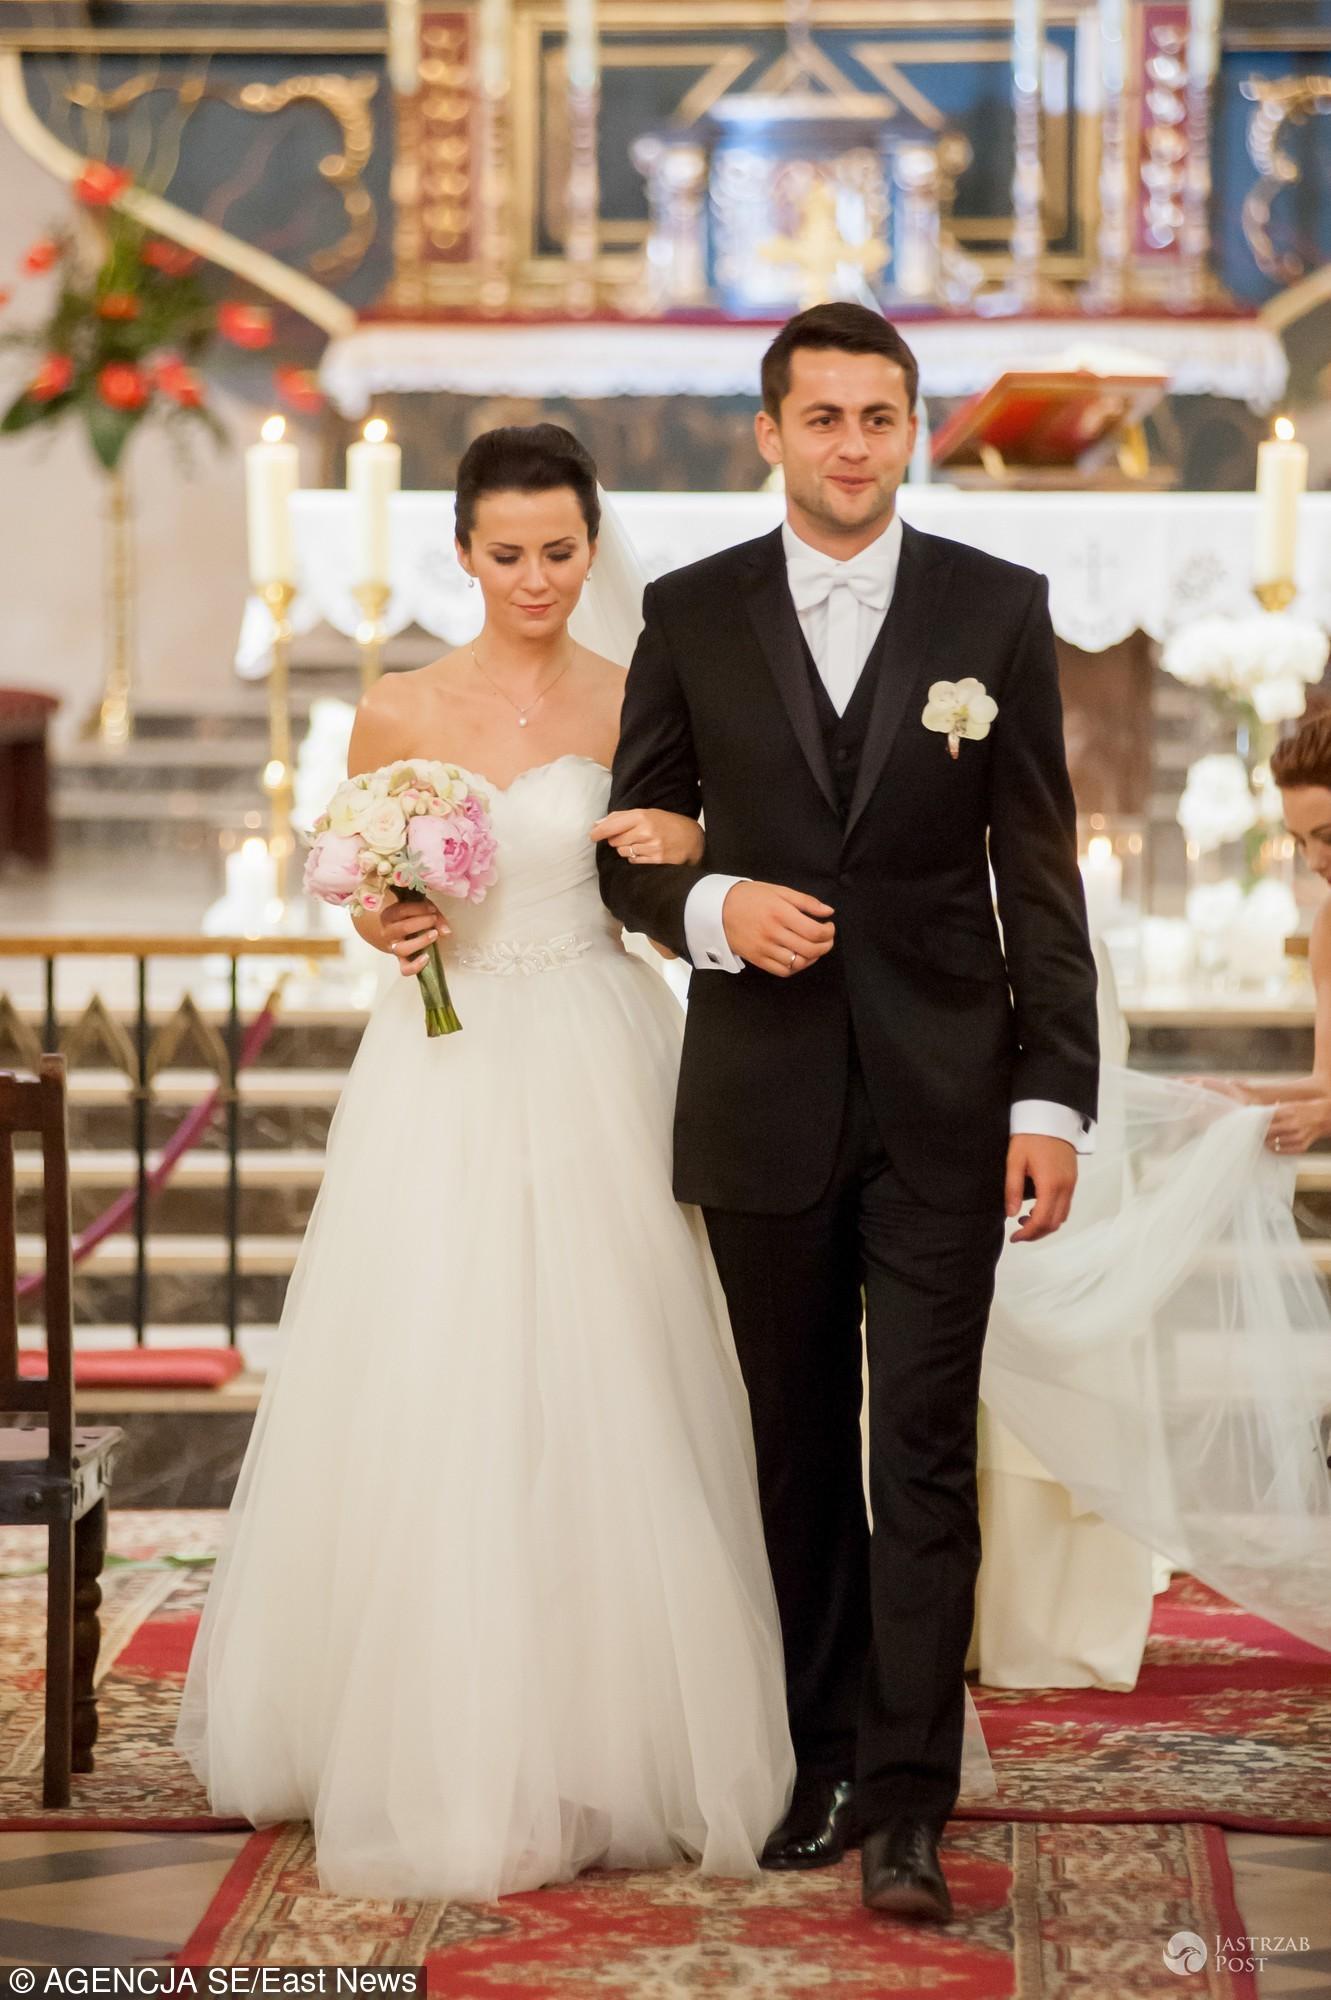 ślub łukasza Fabiańskiego I Anny Grygier Jastrząb Post